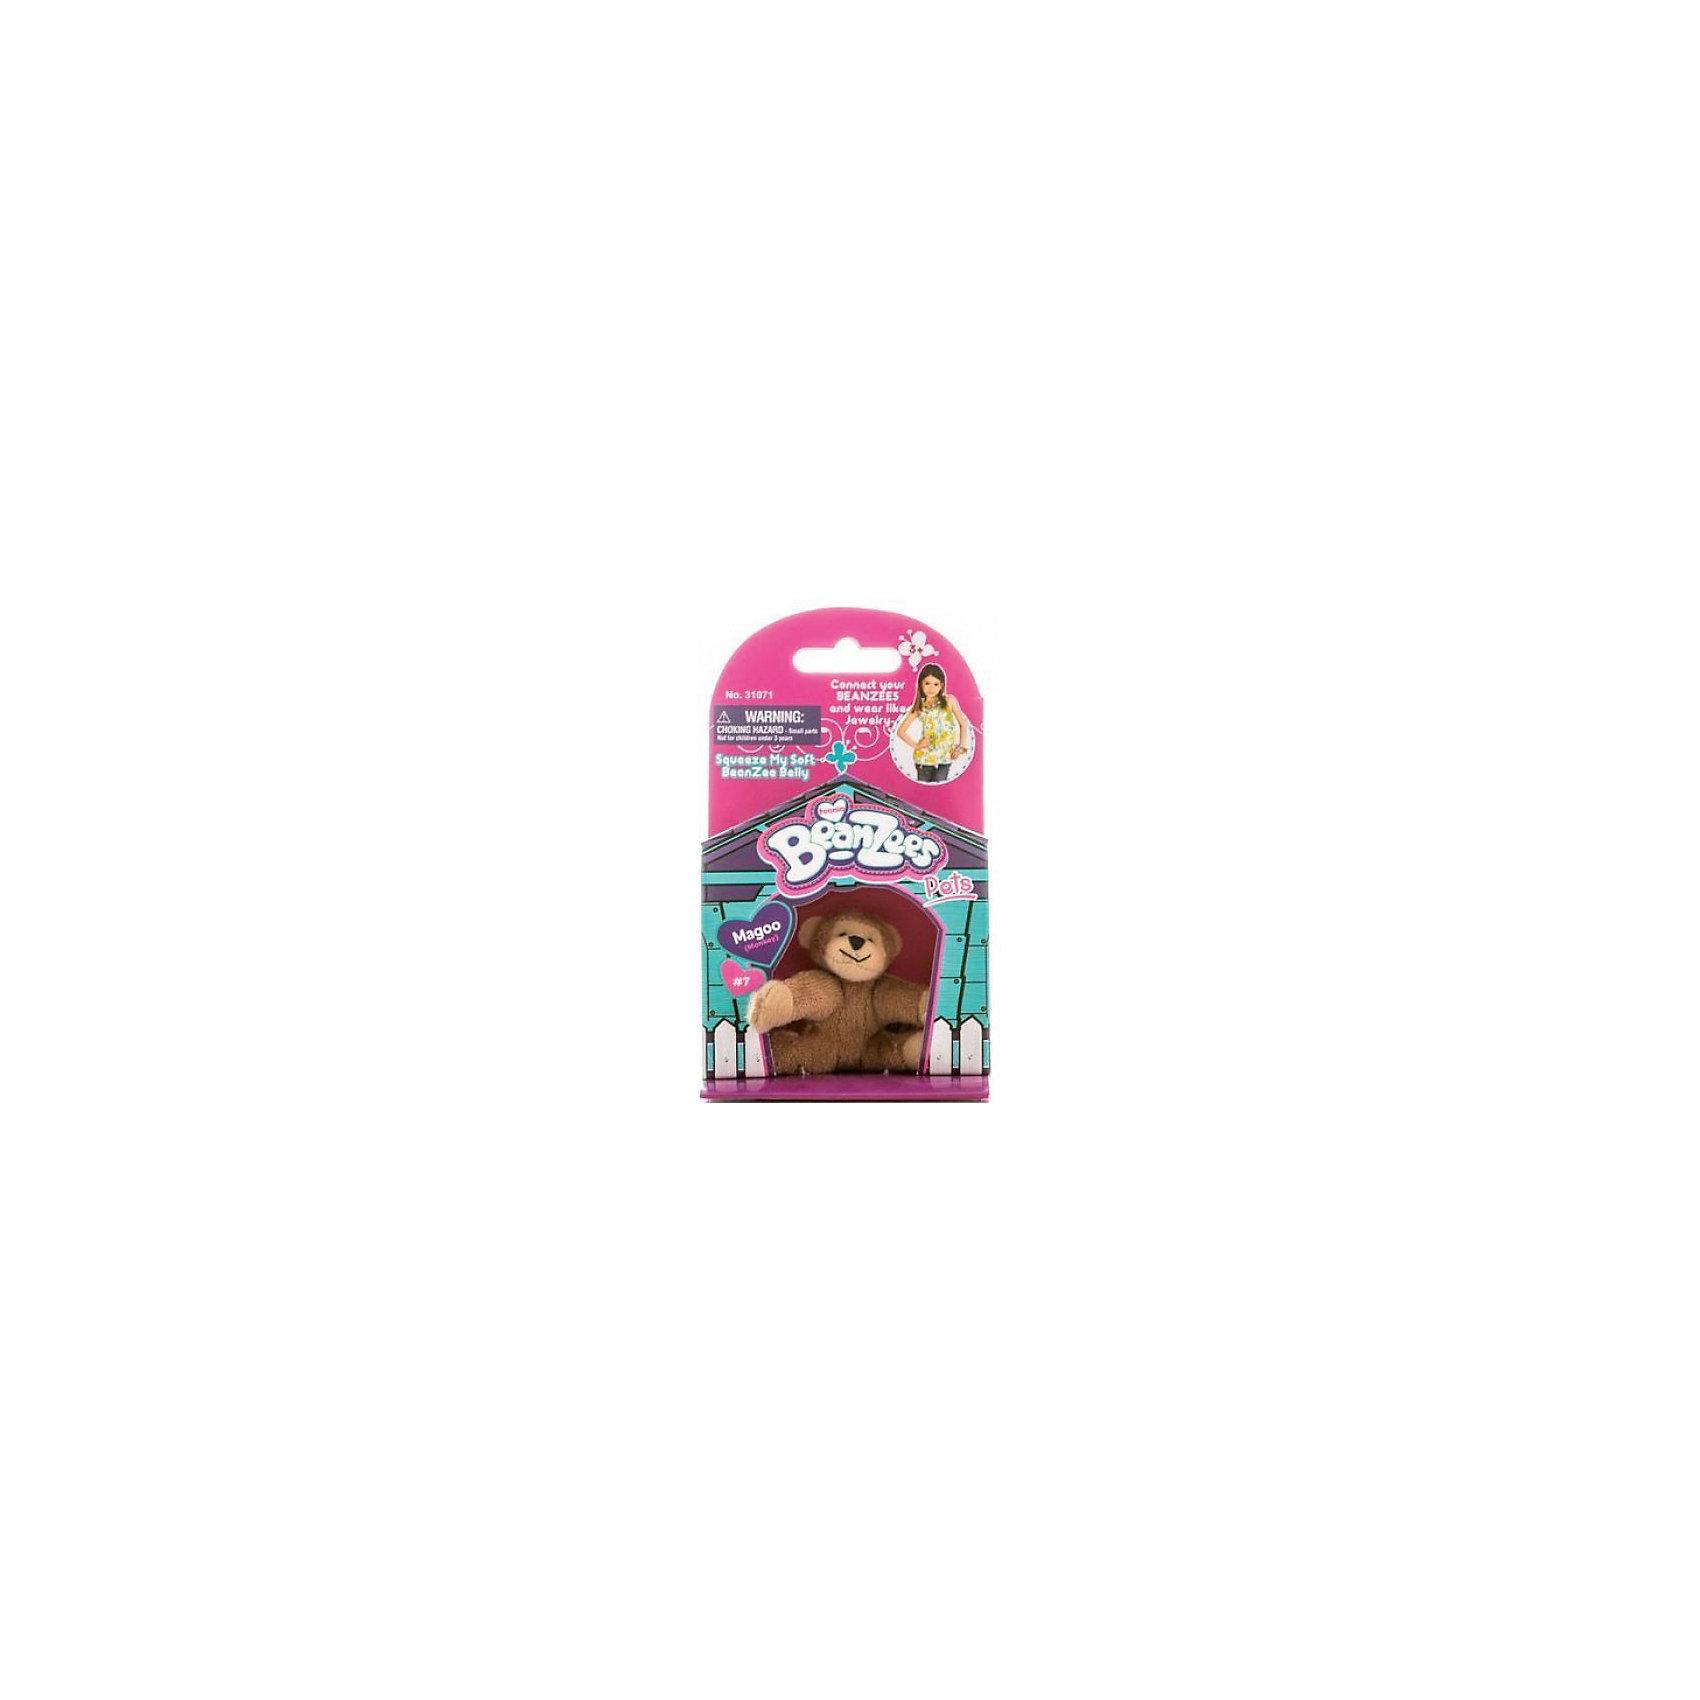 Мини-плюш Обезьянка, BeanzeezМягкие игрушки животные<br>Характеристики товара:<br><br>• особенности: наличие на лапках липучек, игрушку можно соединять с другими героями из серии<br>• материал: пластик, текстиль<br>• размер упаковки: 9х5,5х14,5 см.<br>• высота игрушки: 5 см<br>• возраст: от 3 лет<br>• страна бренда: США<br>• страна производства: Китай<br><br>Такая симпатичная игрушка не оставит ребенка равнодушным! Какой малыш откажется поиграть с маленькими плюшевыми игрушками из большой пушистой коллекции?! Игрушки очень качественно выполнены, поэтому такая фигурка станет отличным подарком ребенку. Благодаря липучкам на лапках животных можно соединить между собой. Дети приходят в восторг от этих игрушек!<br>Такие предметы помогают ребенку отрабатывать новые навыки и способности - развивать ловкость, мелкую моторику, воображение, мышление, логику. Изделие производится из качественных сертифицированных материалов, безопасных даже для самых маленьких.<br><br>Мини-плюш Мишка от бренда Beanzeez можно купить в нашем интернет-магазине.<br><br>Ширина мм: 50<br>Глубина мм: 140<br>Высота мм: 85<br>Вес г: 73<br>Возраст от месяцев: 36<br>Возраст до месяцев: 2147483647<br>Пол: Женский<br>Возраст: Детский<br>SKU: 5218678